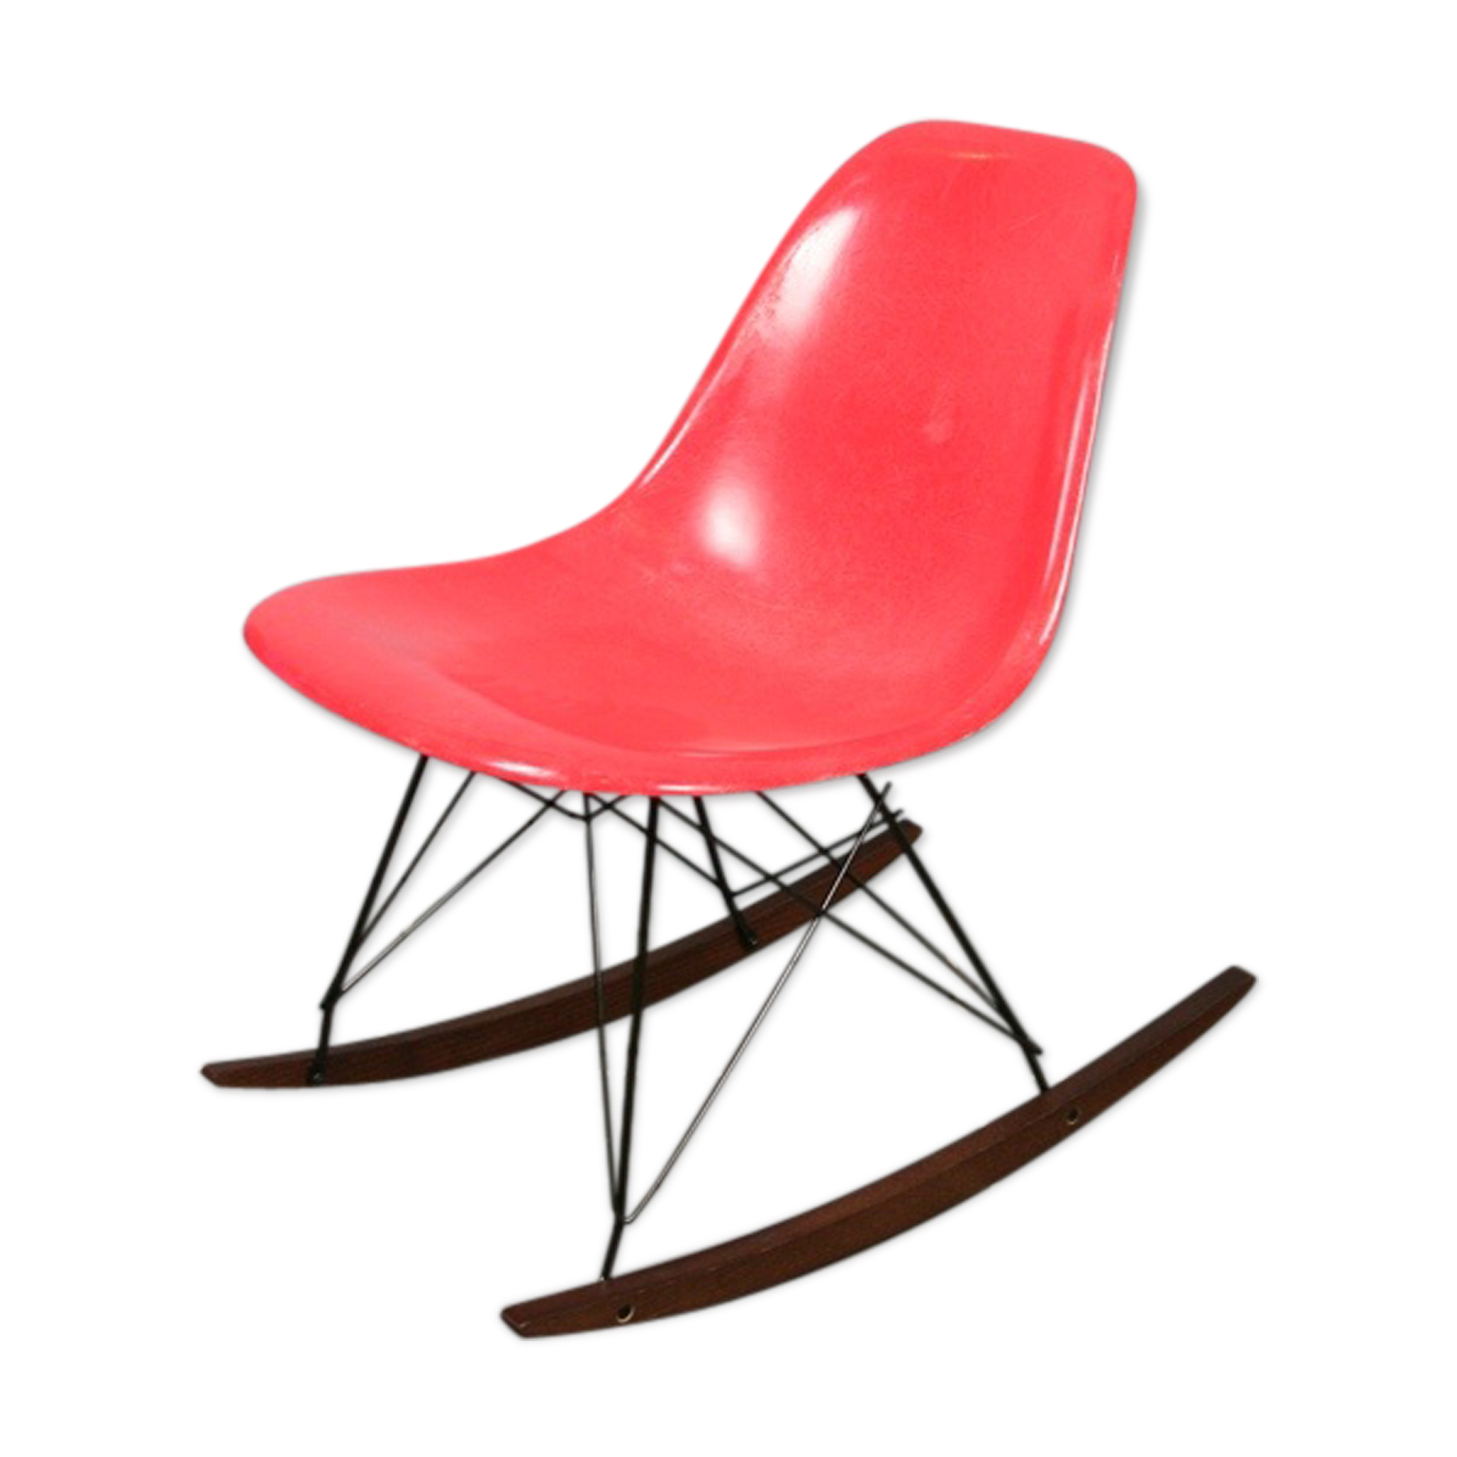 chaise eames bascule finest chaise enfant eames bascule. Black Bedroom Furniture Sets. Home Design Ideas